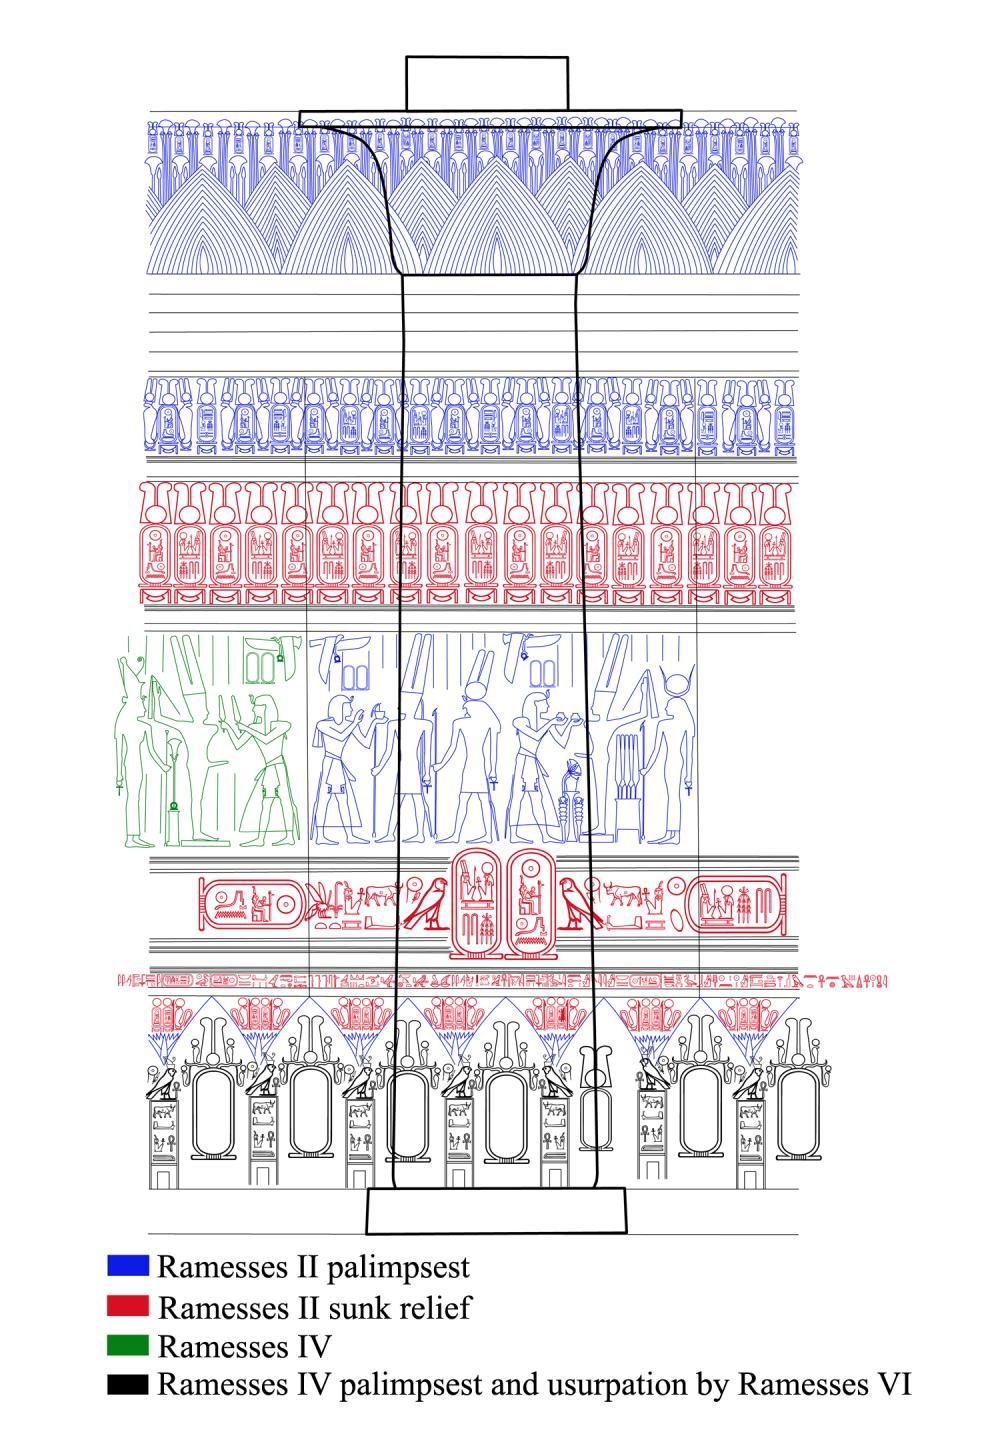 Schematic column